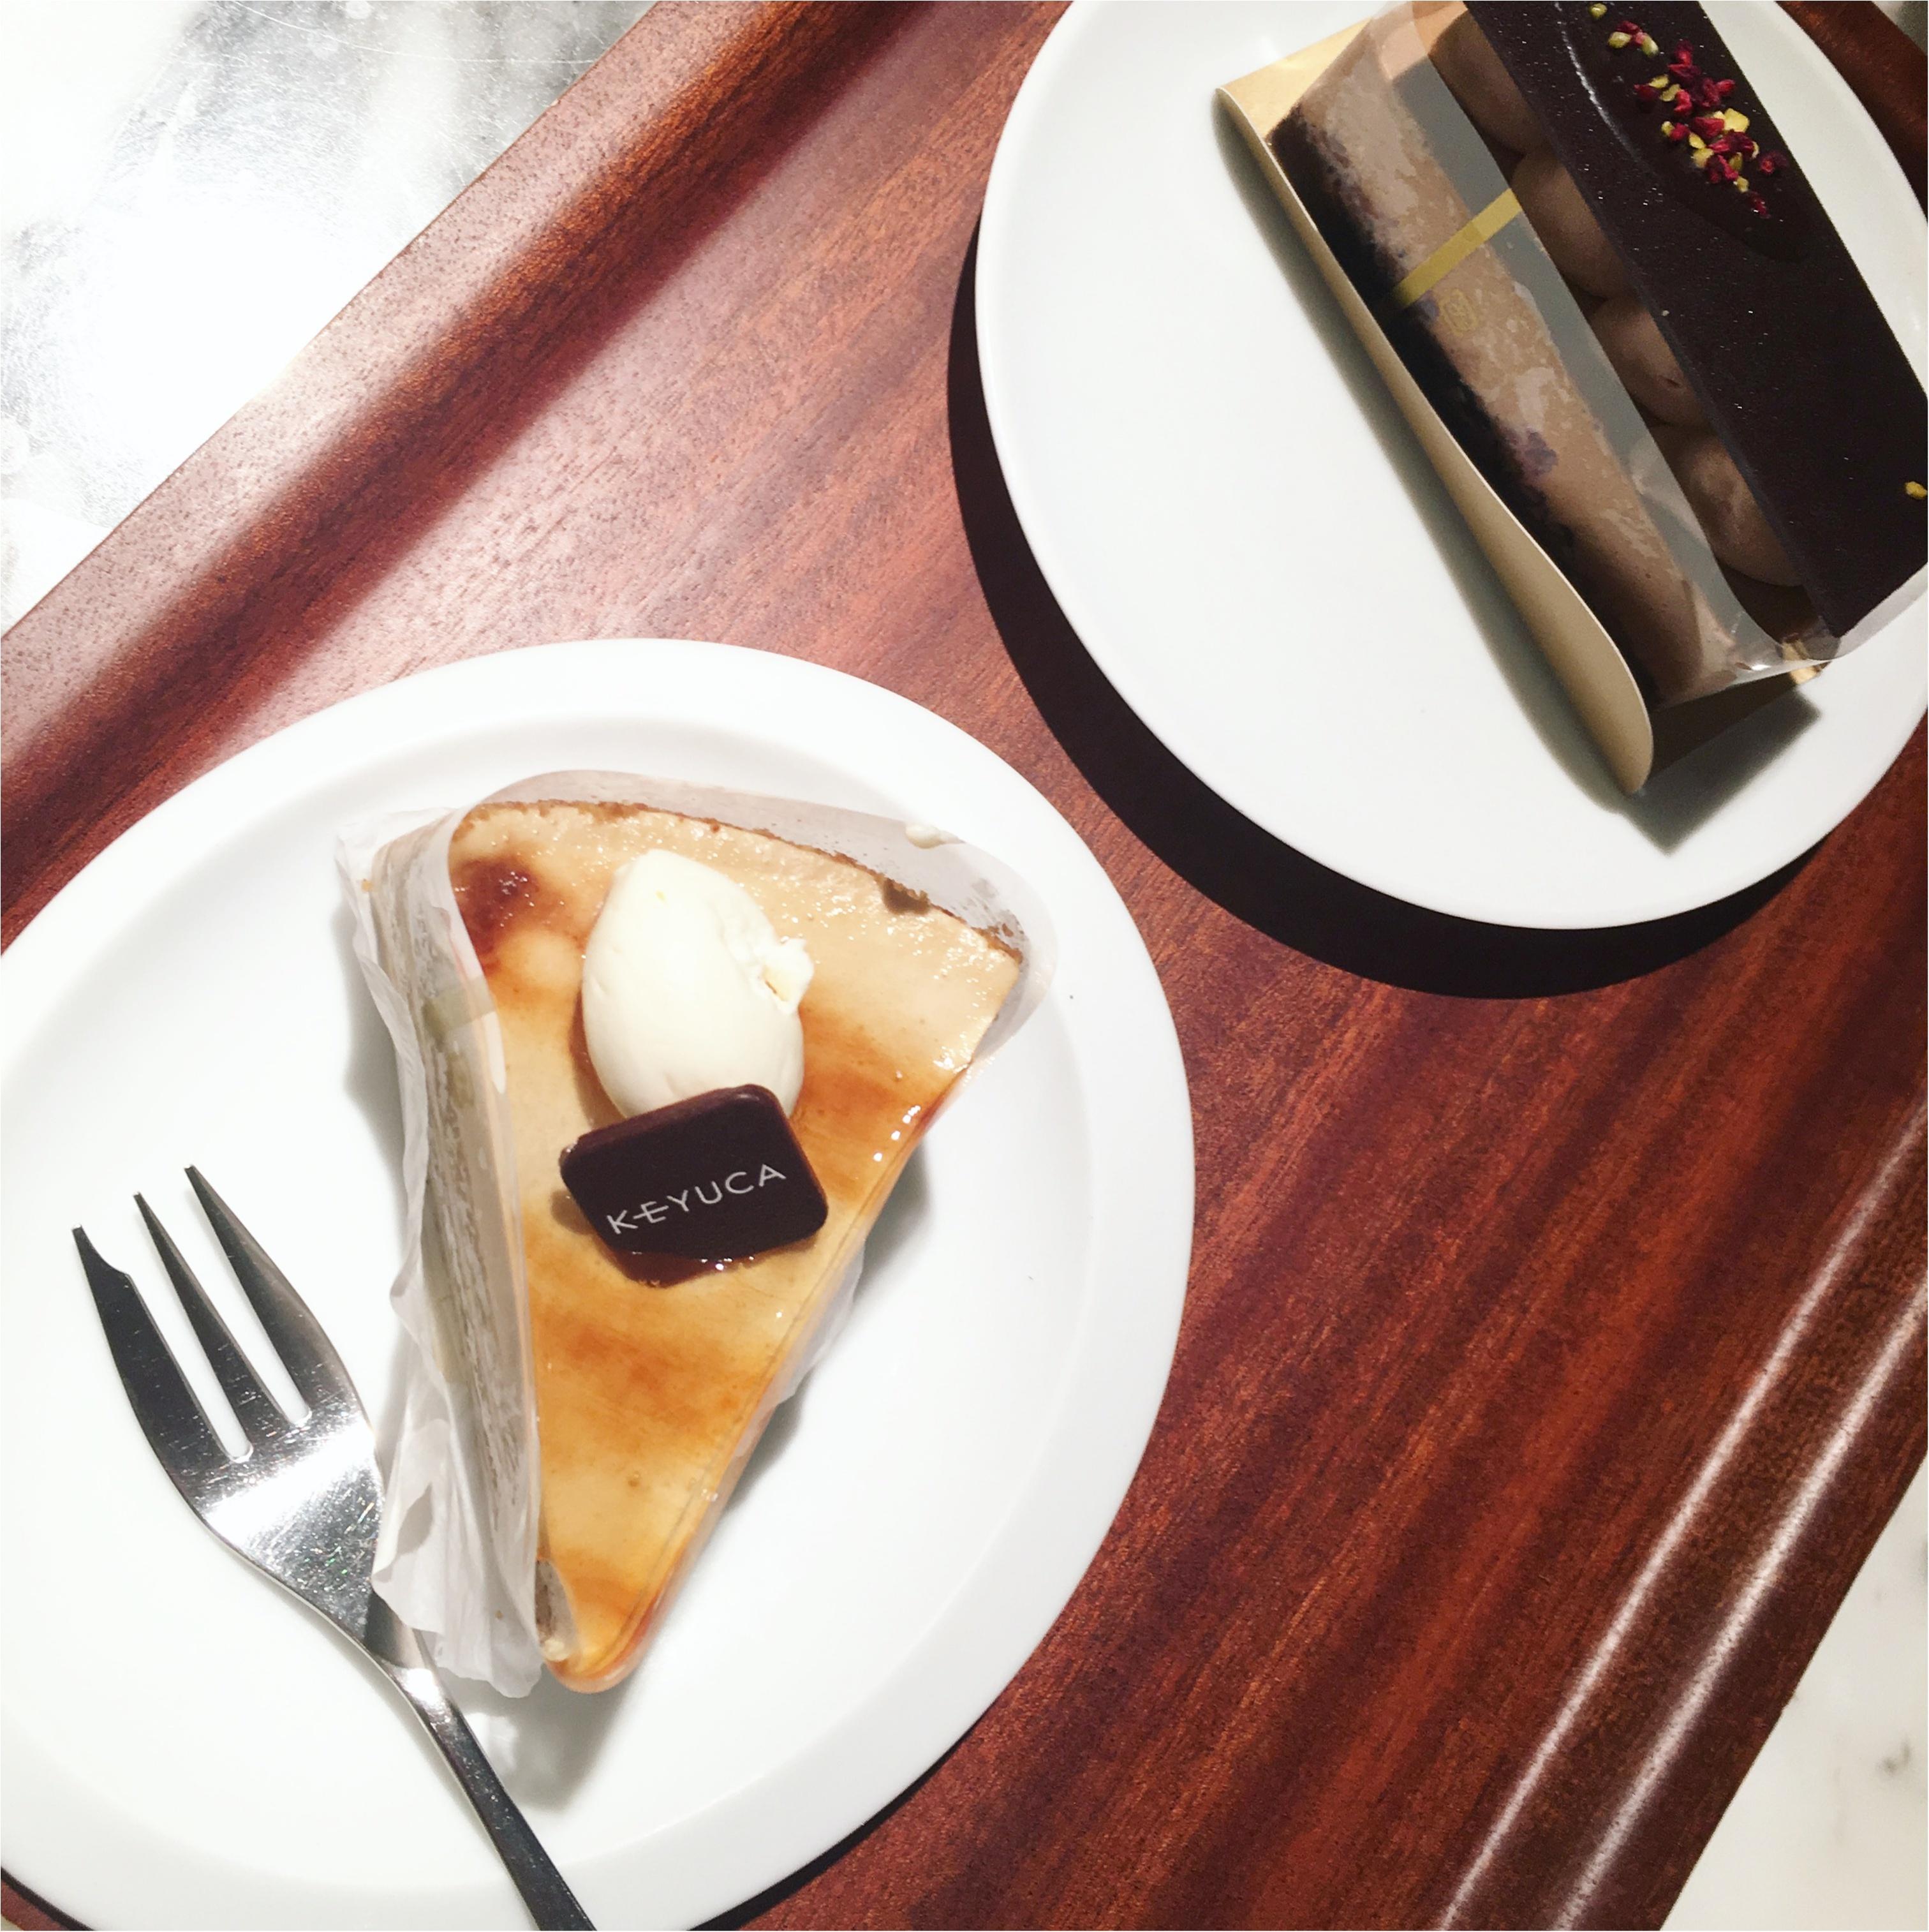 《インテリアショップKEYUCA(ケユカ)プロデュース!》横浜みなとみらいのカフェでランチ&スイーツ♡_5